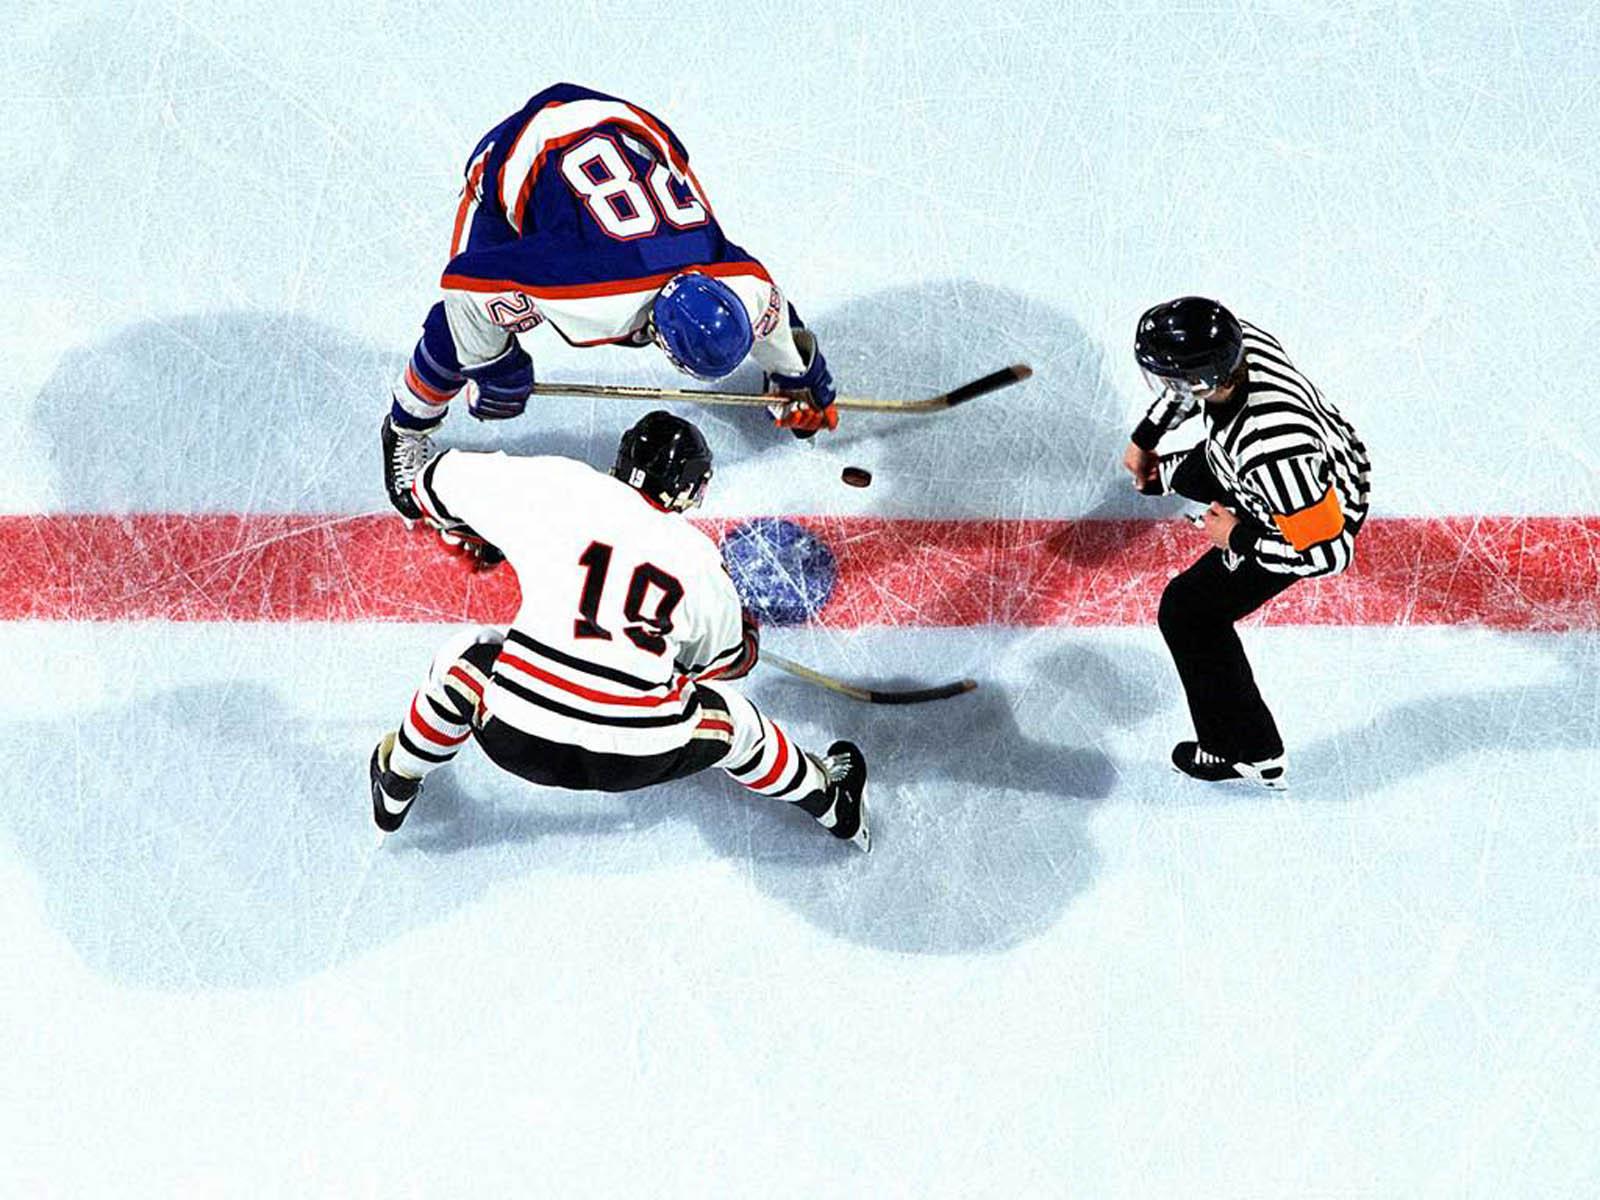 74 Ice Hockey Backgrounds On Wallpapersafari